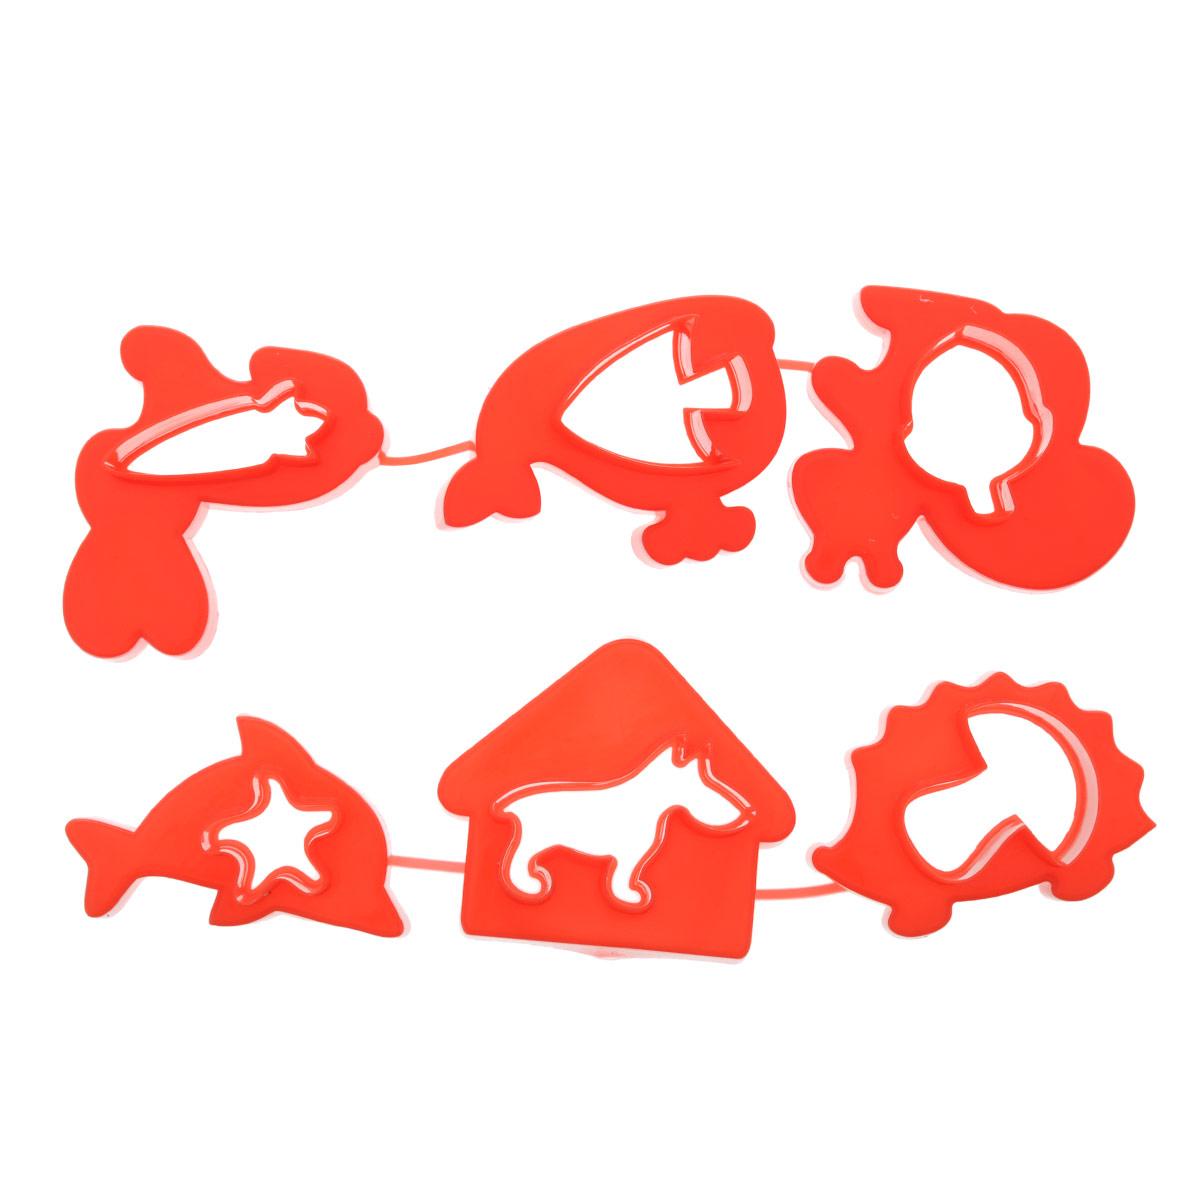 Формочки для лепки и моделирования №1 Луч. 22С 1419-08 красный22С 1419-08 красныйФормочки предназначены для моделирования и лепки из пластилина, мягкого воска, глины, теста. При производстве формочек использованы полимеры, для которых разрешен контакт с пищевыми продуктами, поэтому их можно использовать так же в кулинарии (выпечка, приготовление канапе, детских бутербродов и т.д.). В наборе: фигурки животных (белочка с орешком, собака с будкой, кит и рыбка, дельфин и морская звезда, ёжик с грибом, заяц с морковкой).